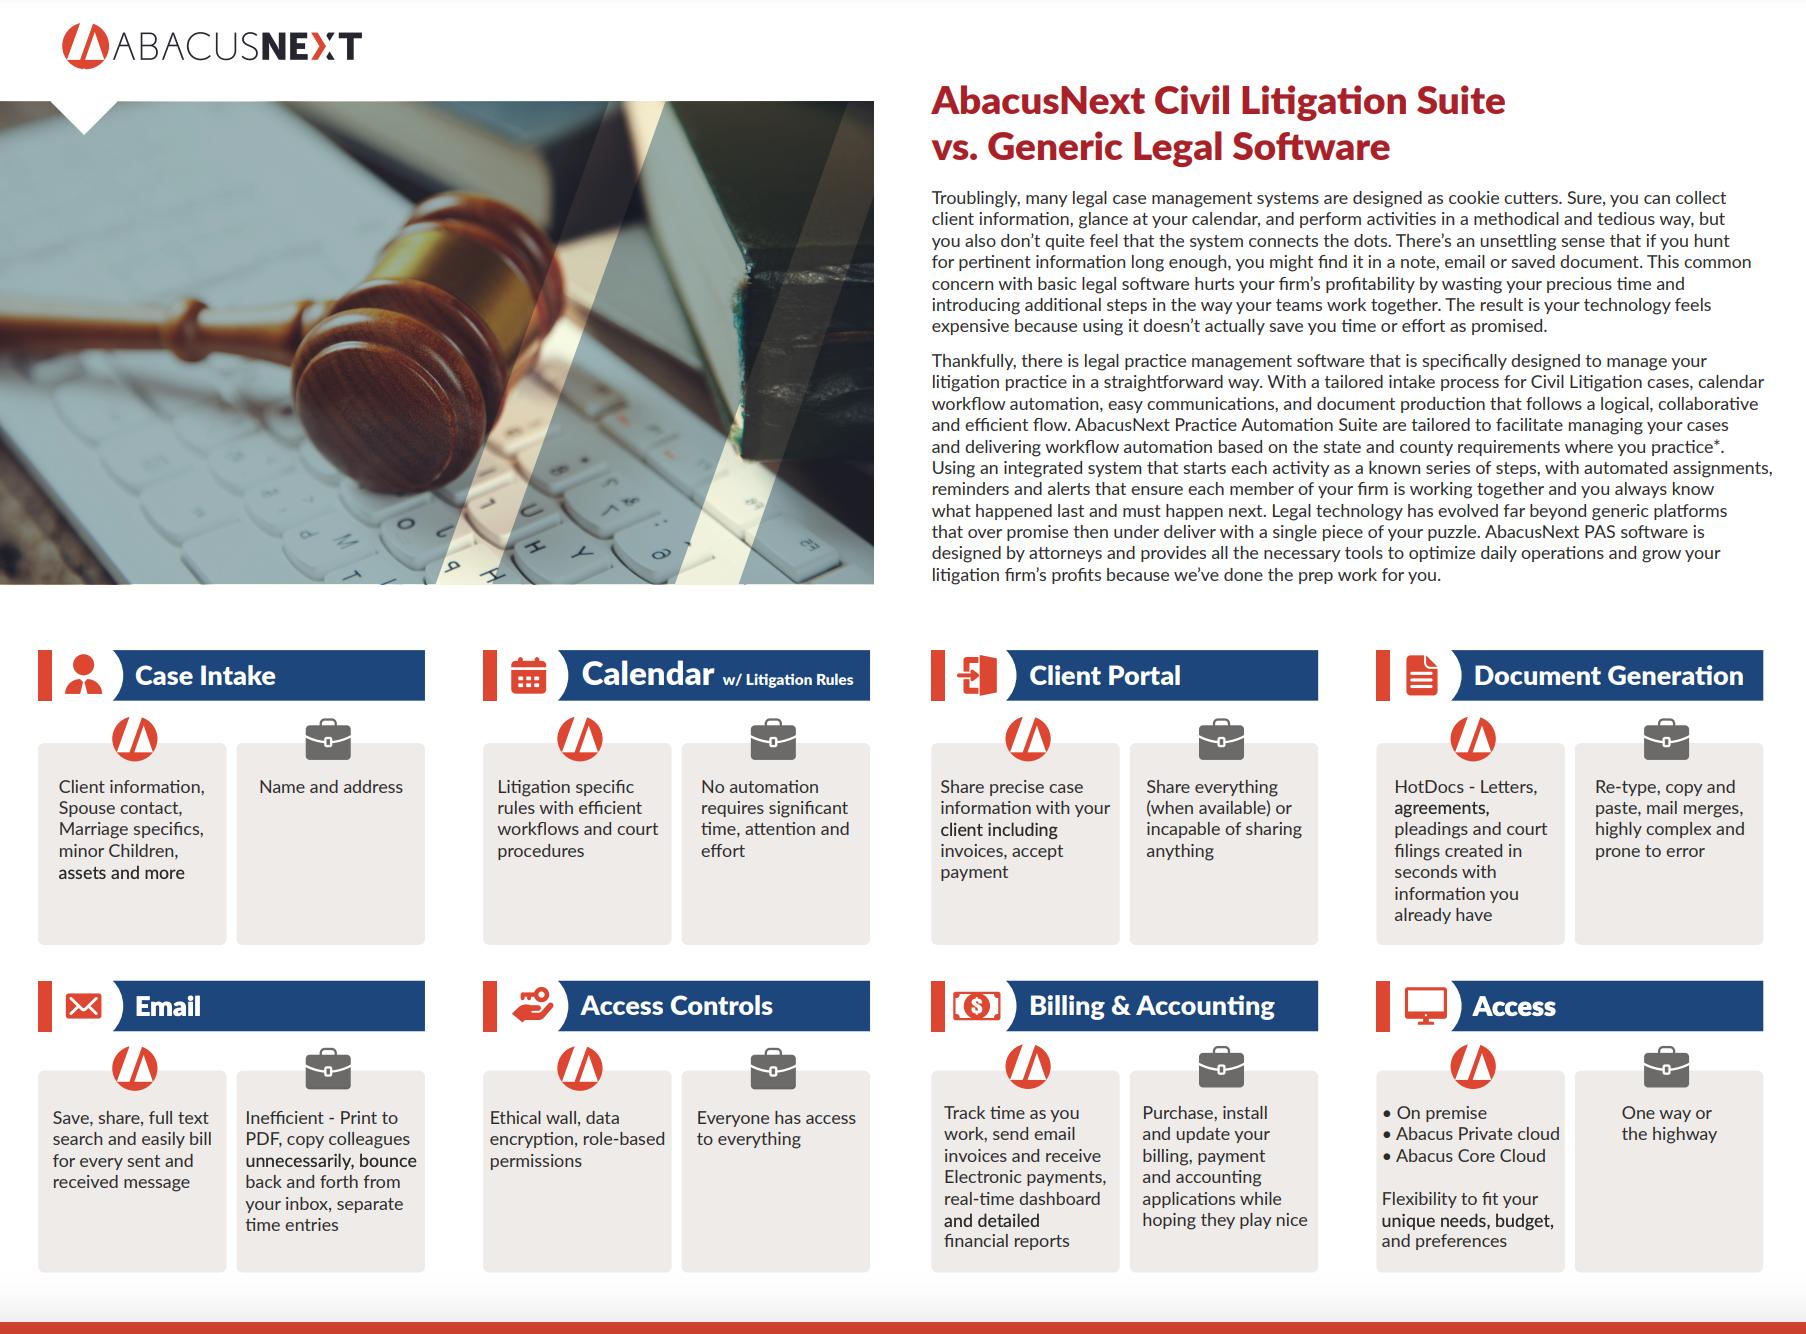 Abacus Civil Litigation Software Comparison